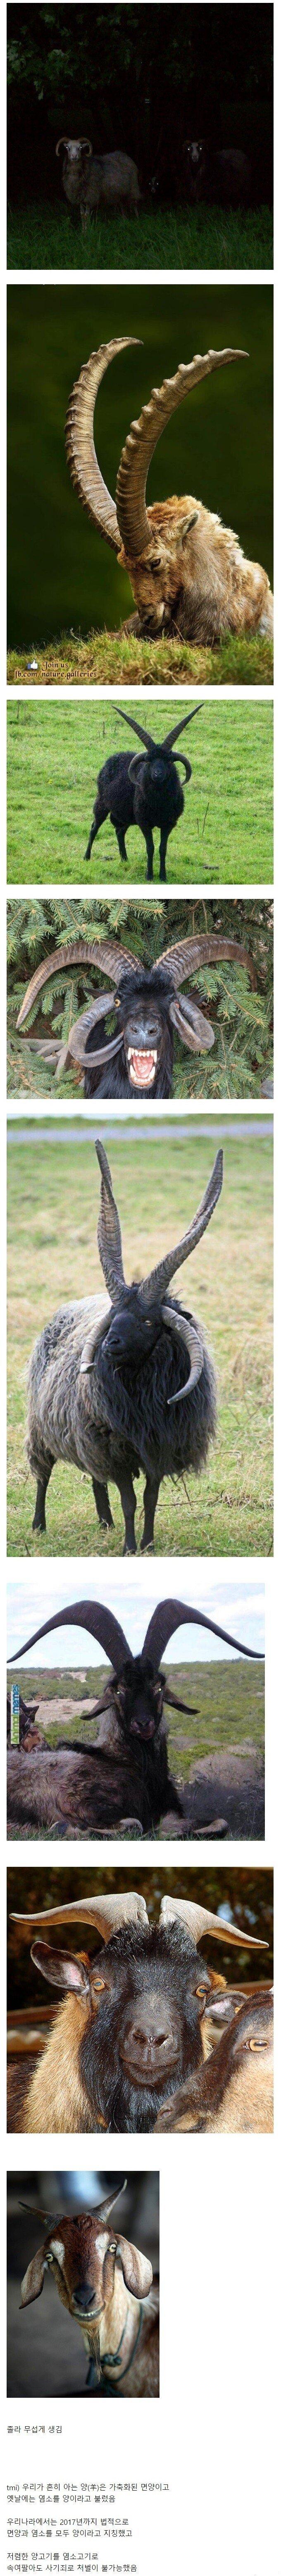 염소가 악마의 상징인 이유.jpg